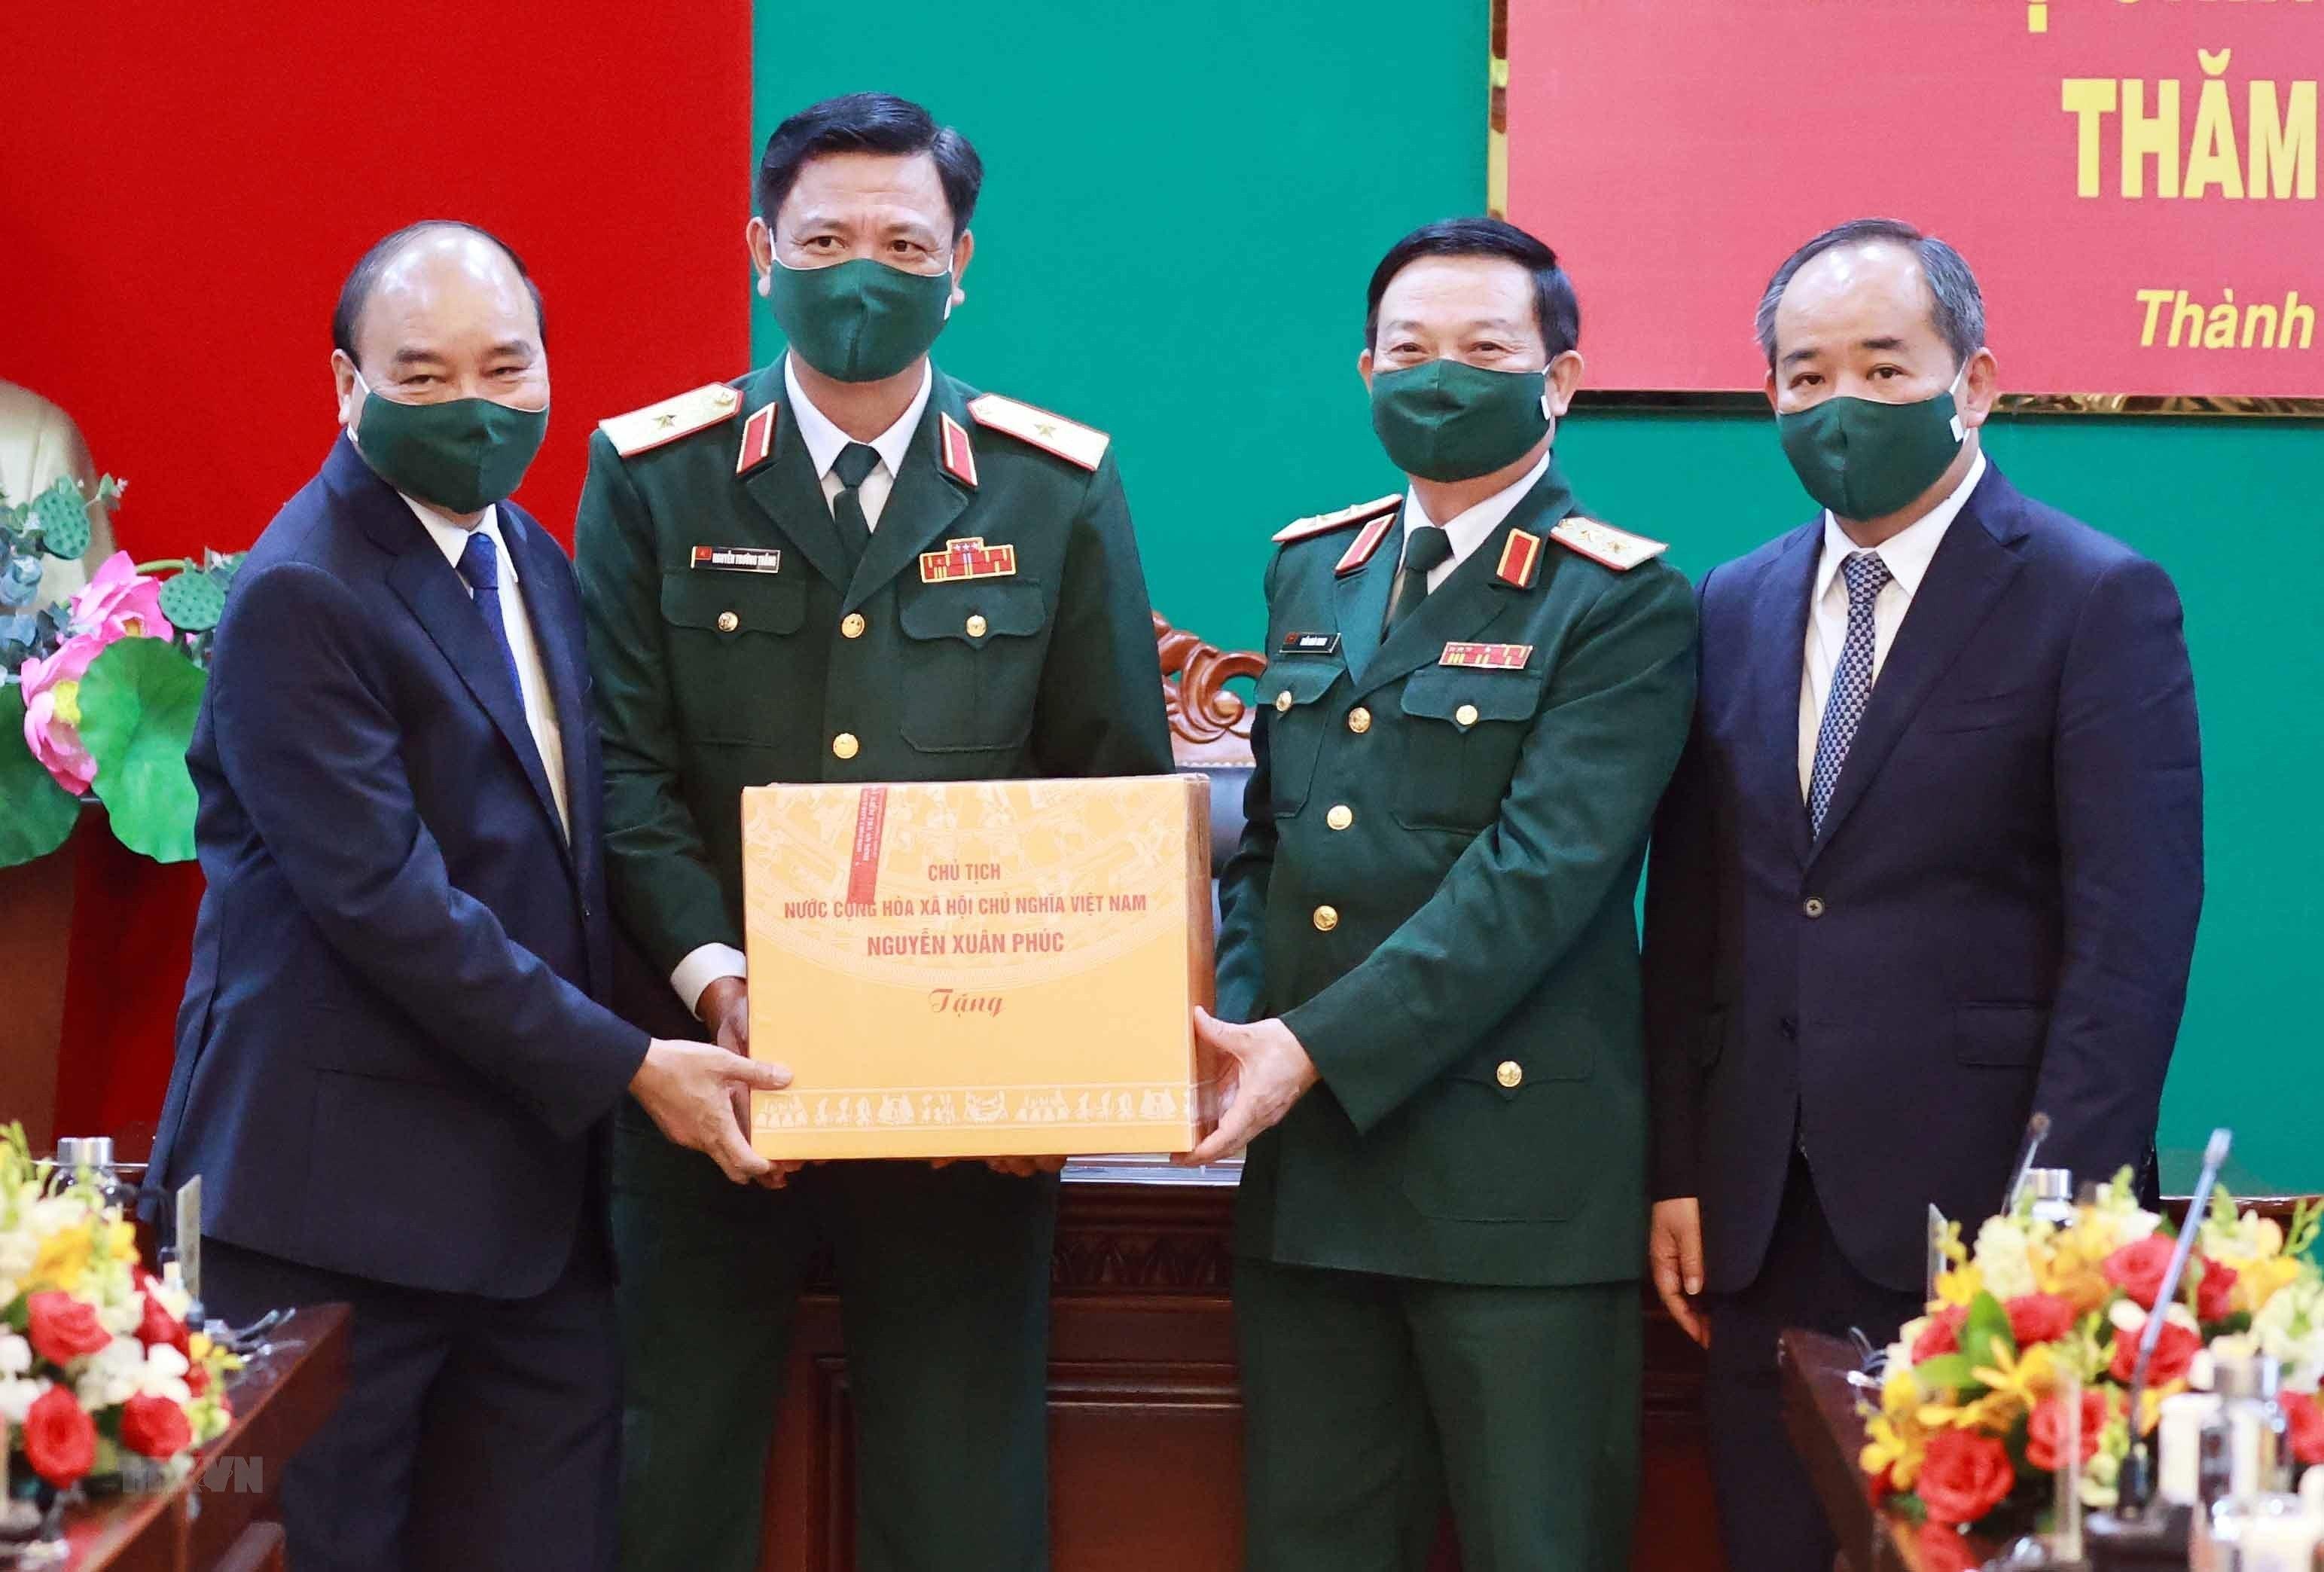 Hinh anh Chu tich nuoc Nguyen Xuan Phuc tham, lam viec tai Quan khu 7 hinh anh 6